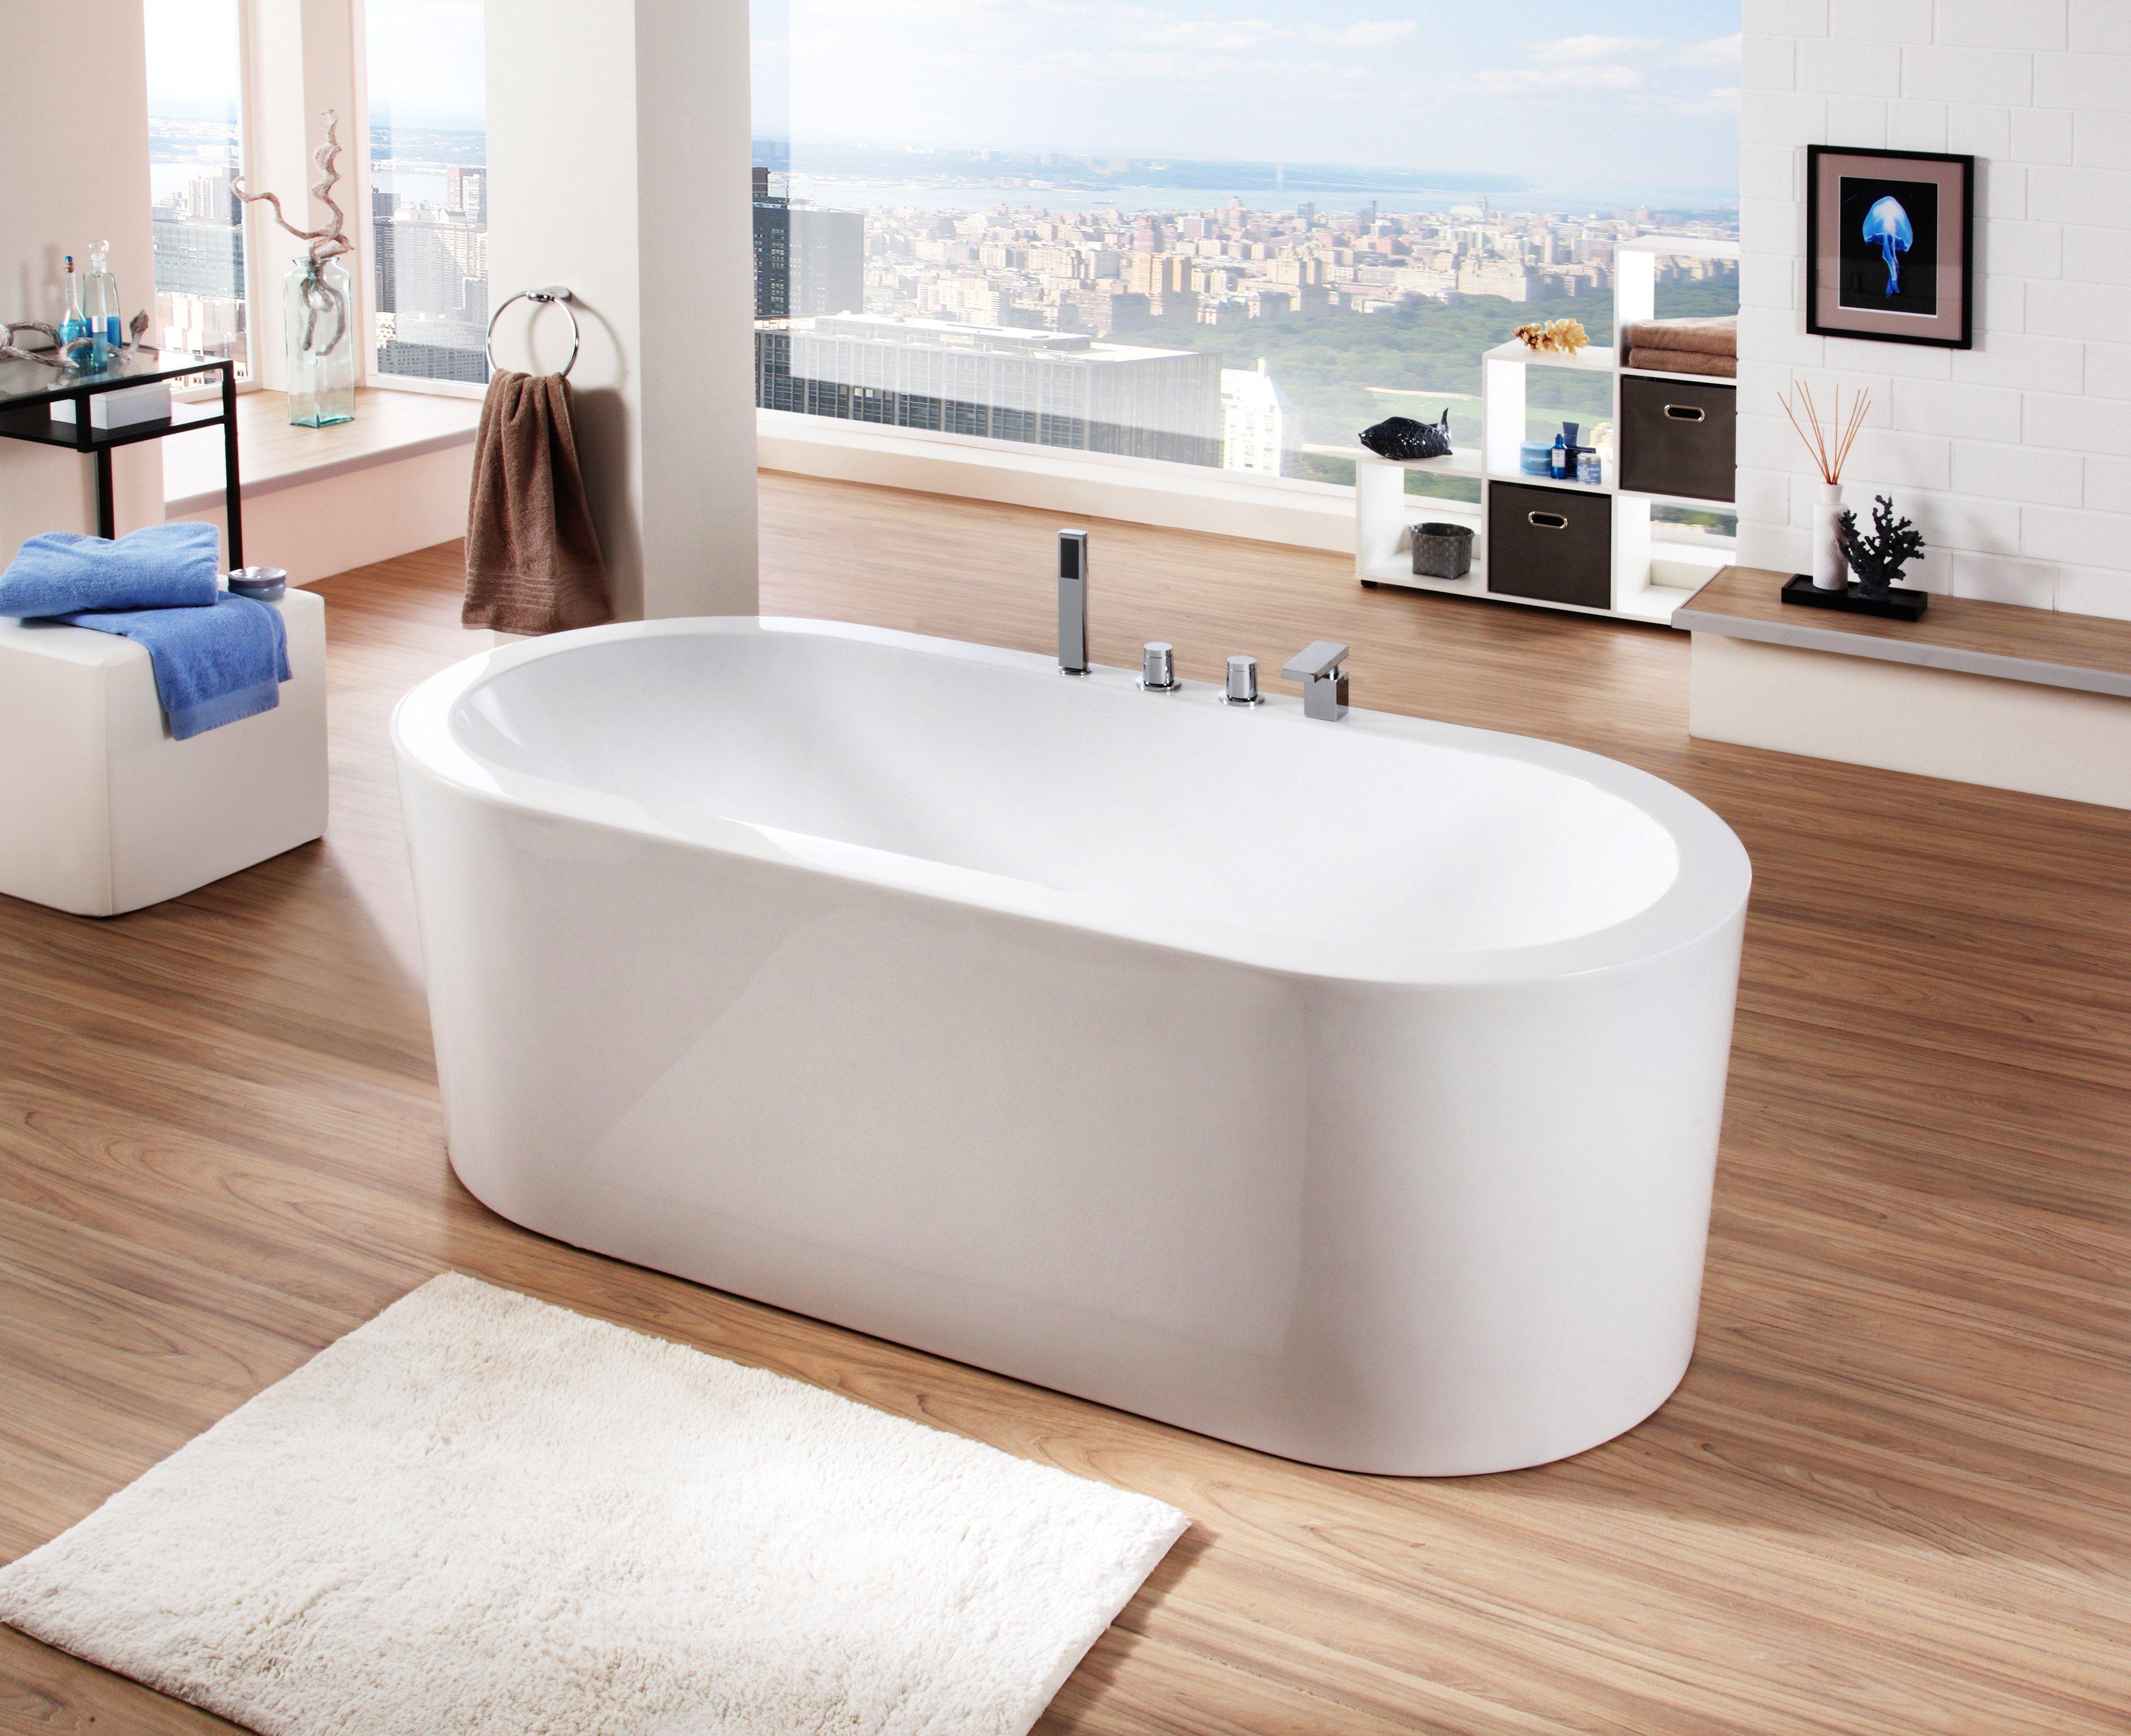 badewanne freistehende preisvergleich die besten angebote online kaufen. Black Bedroom Furniture Sets. Home Design Ideas